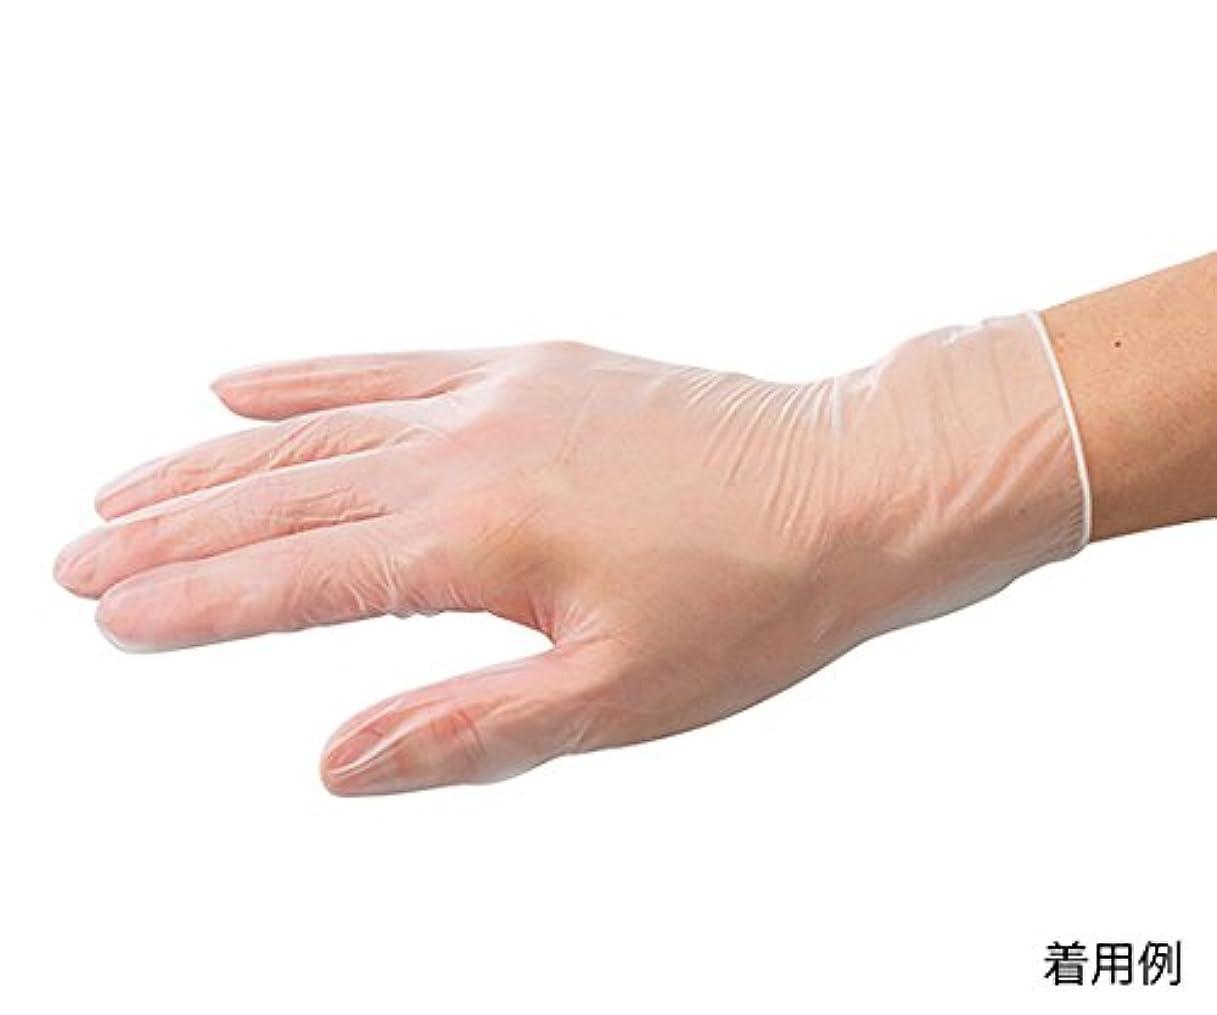 お勧め演劇進むARメディコム?インク?アジアリミテッド7-3726-01バイタルプラスチック手袋(パウダーフリー)S150枚入